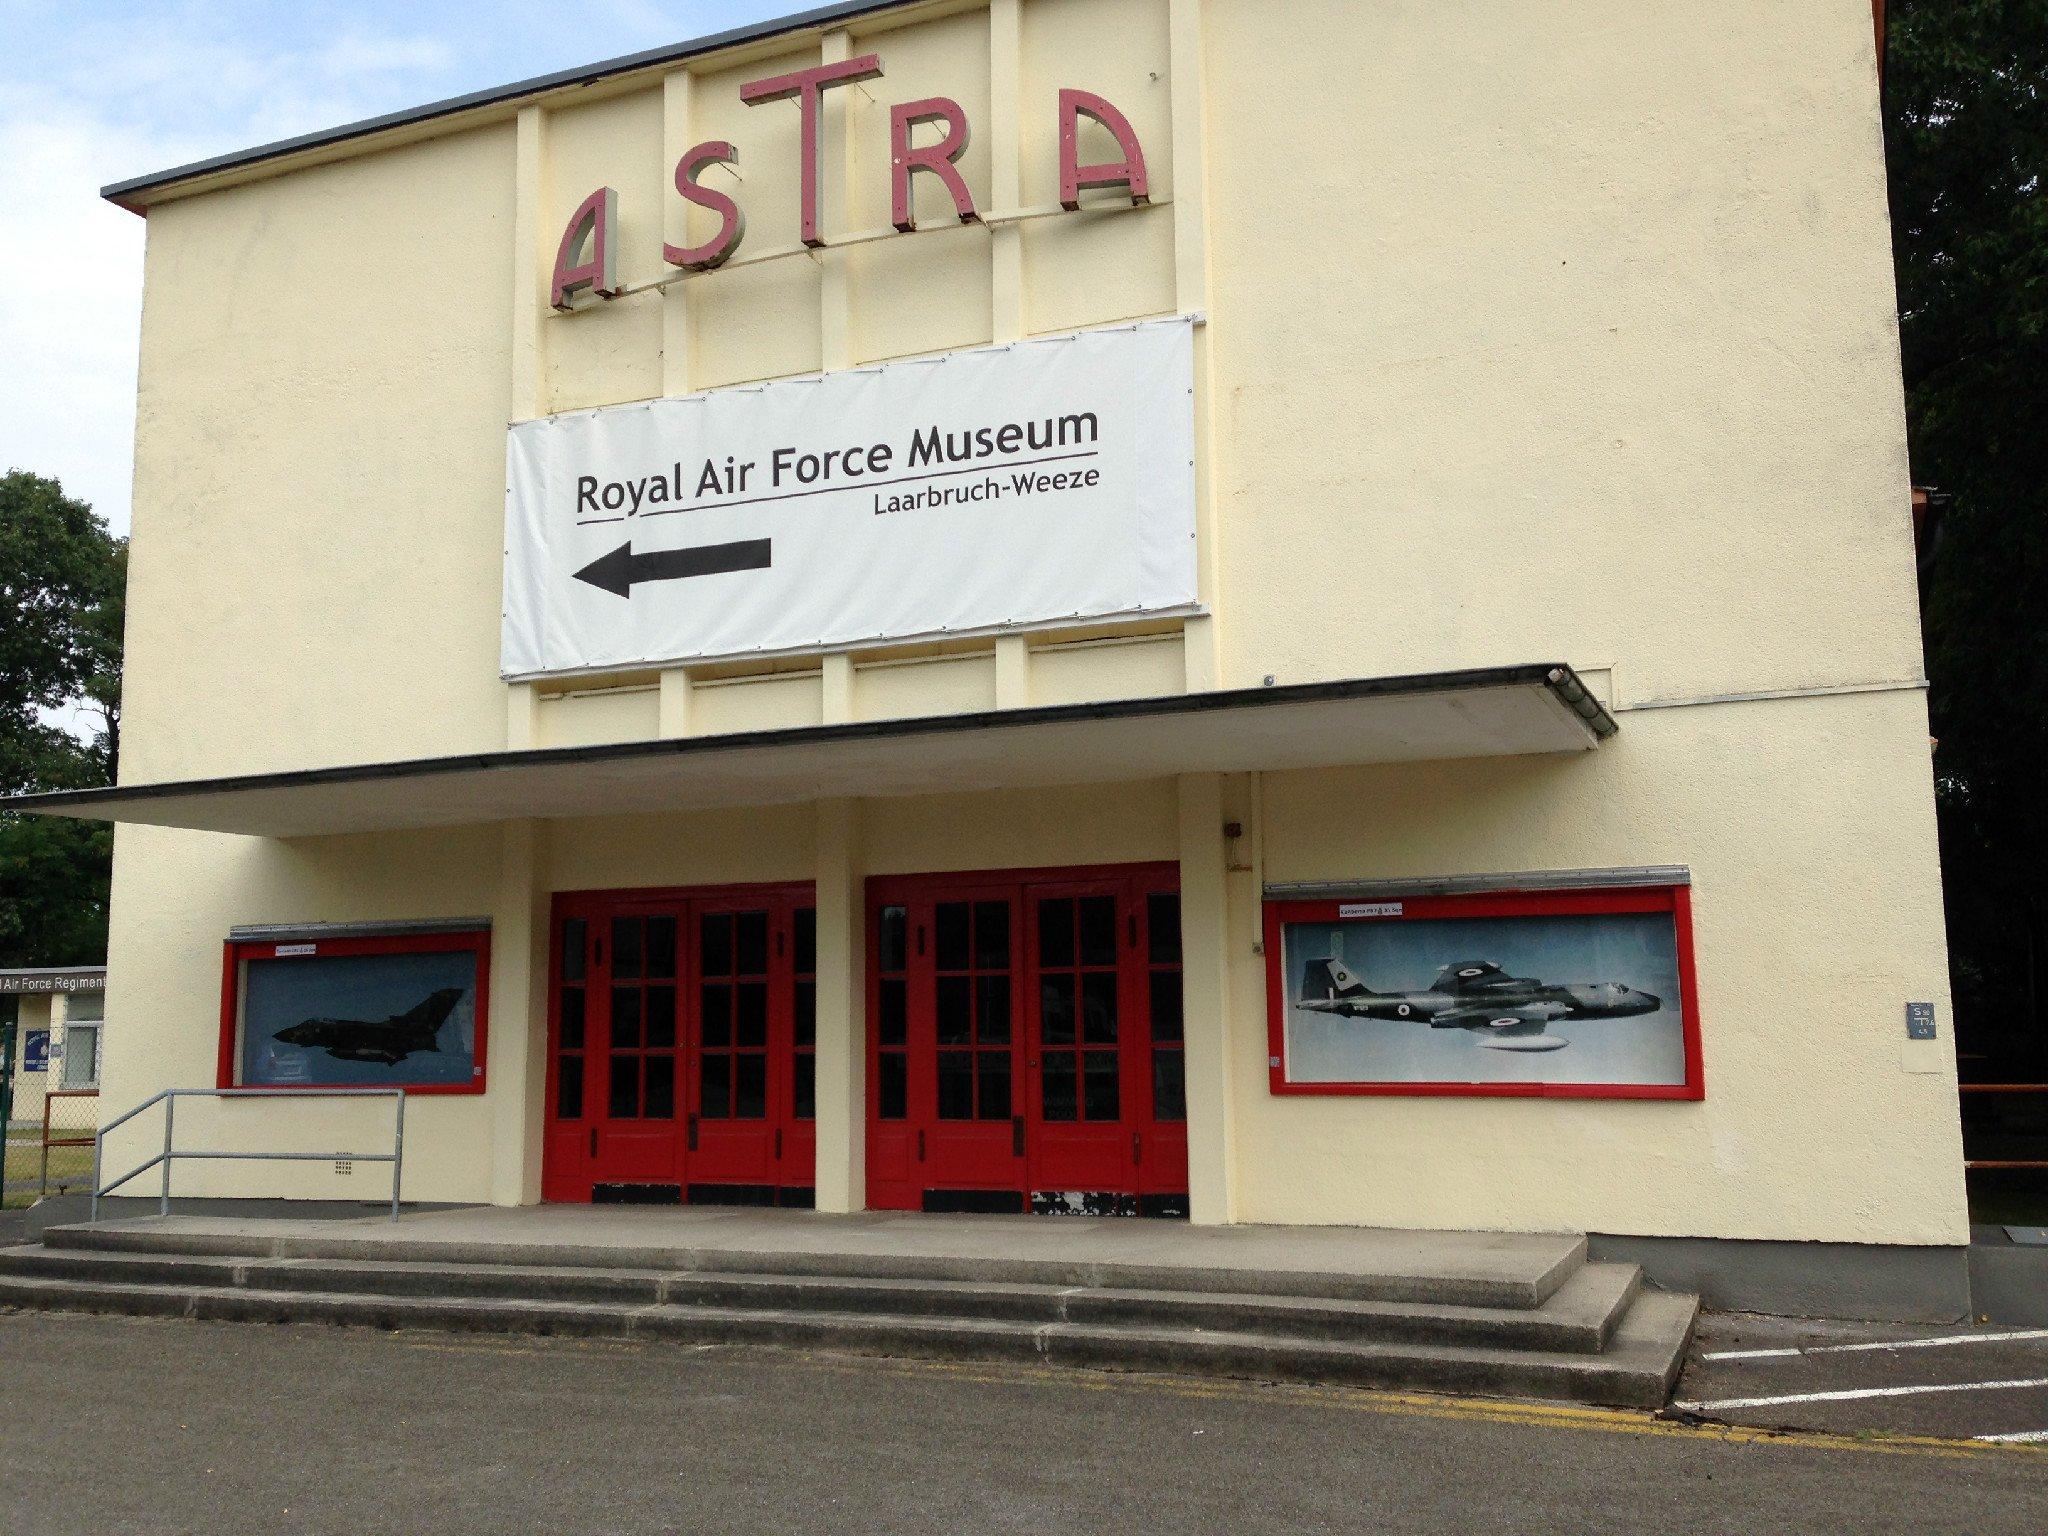 Astra Kino